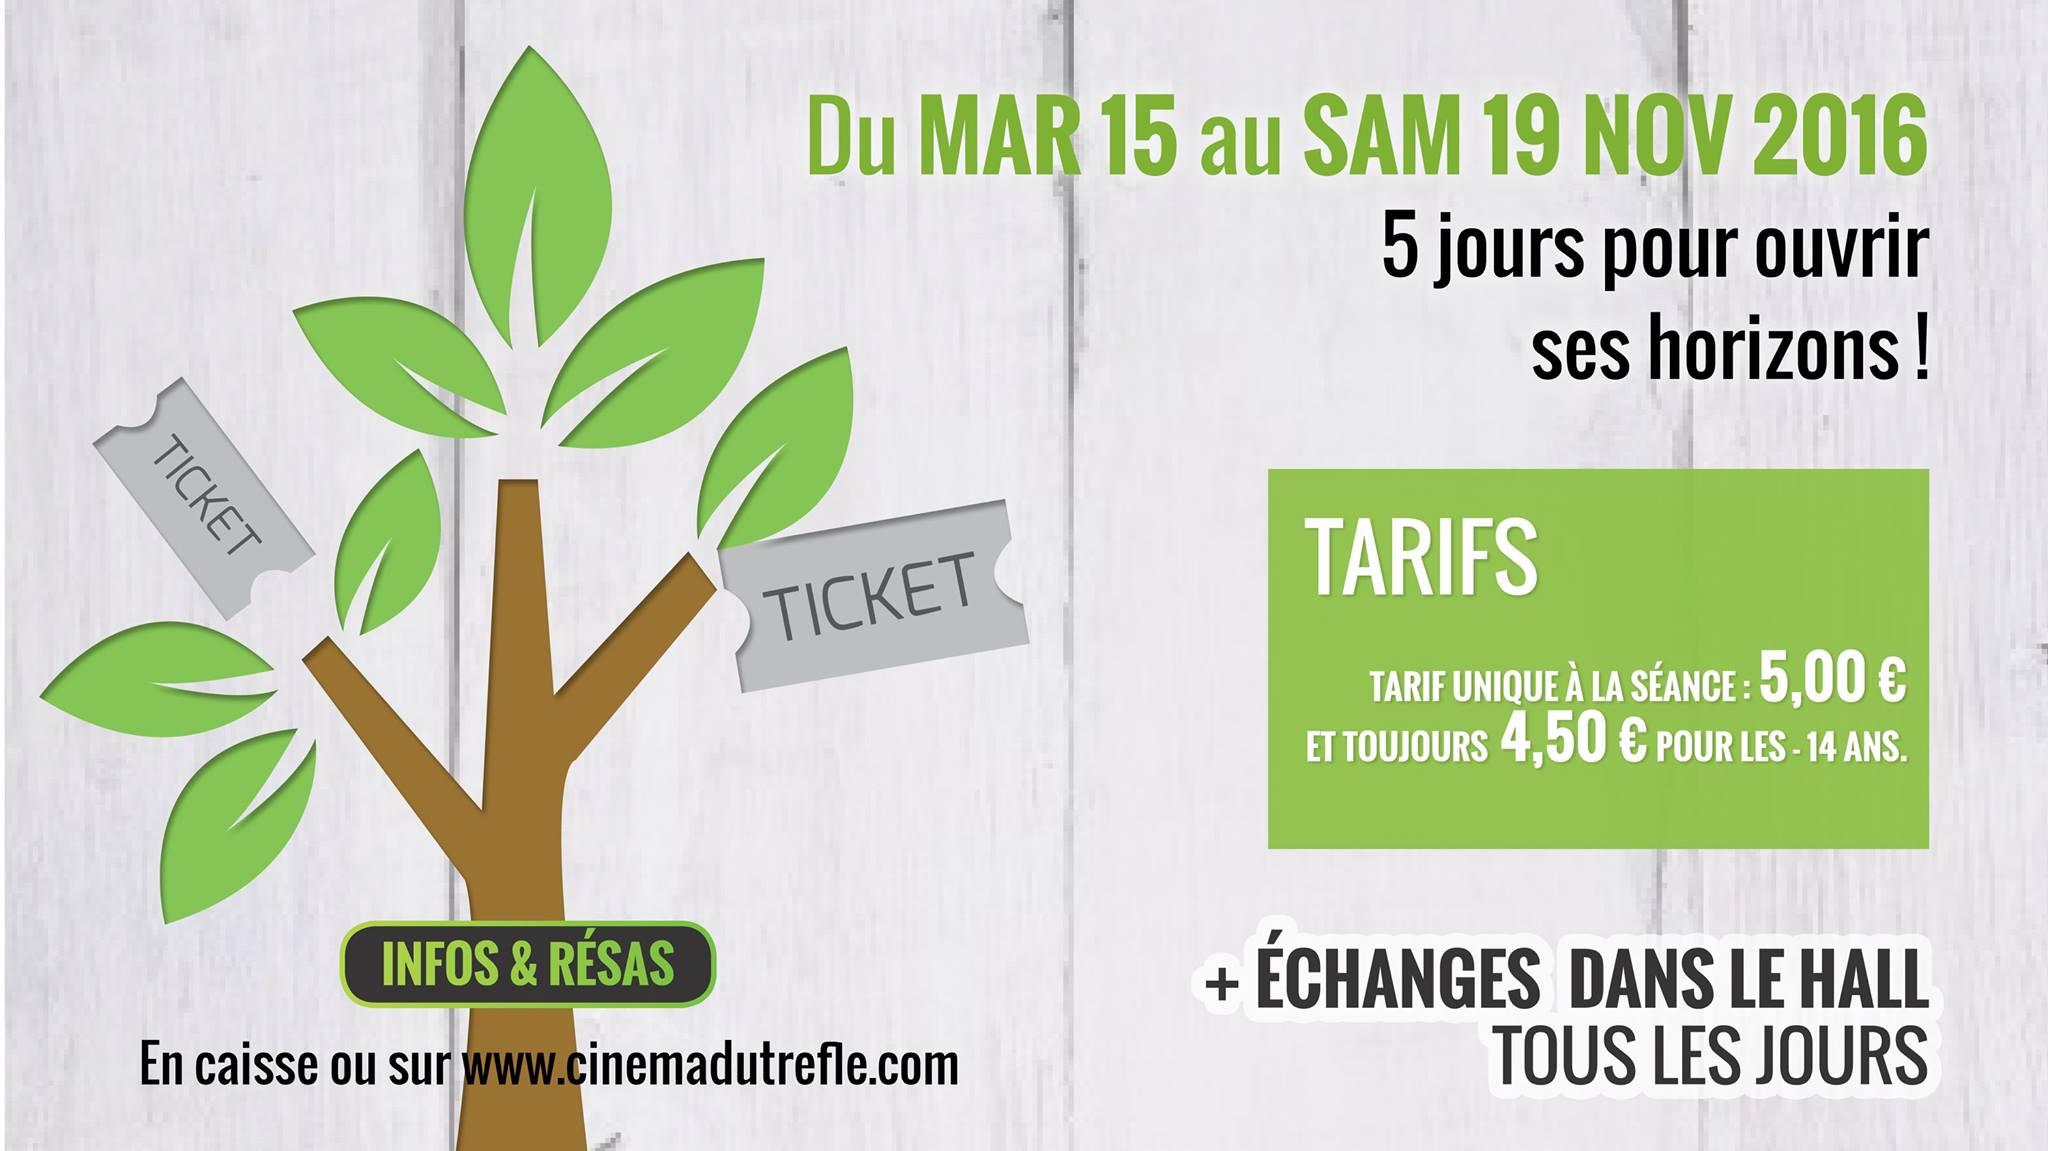 Du 15 au 19 novembre : Cinéma les Séances Vertes à Dorlisheim